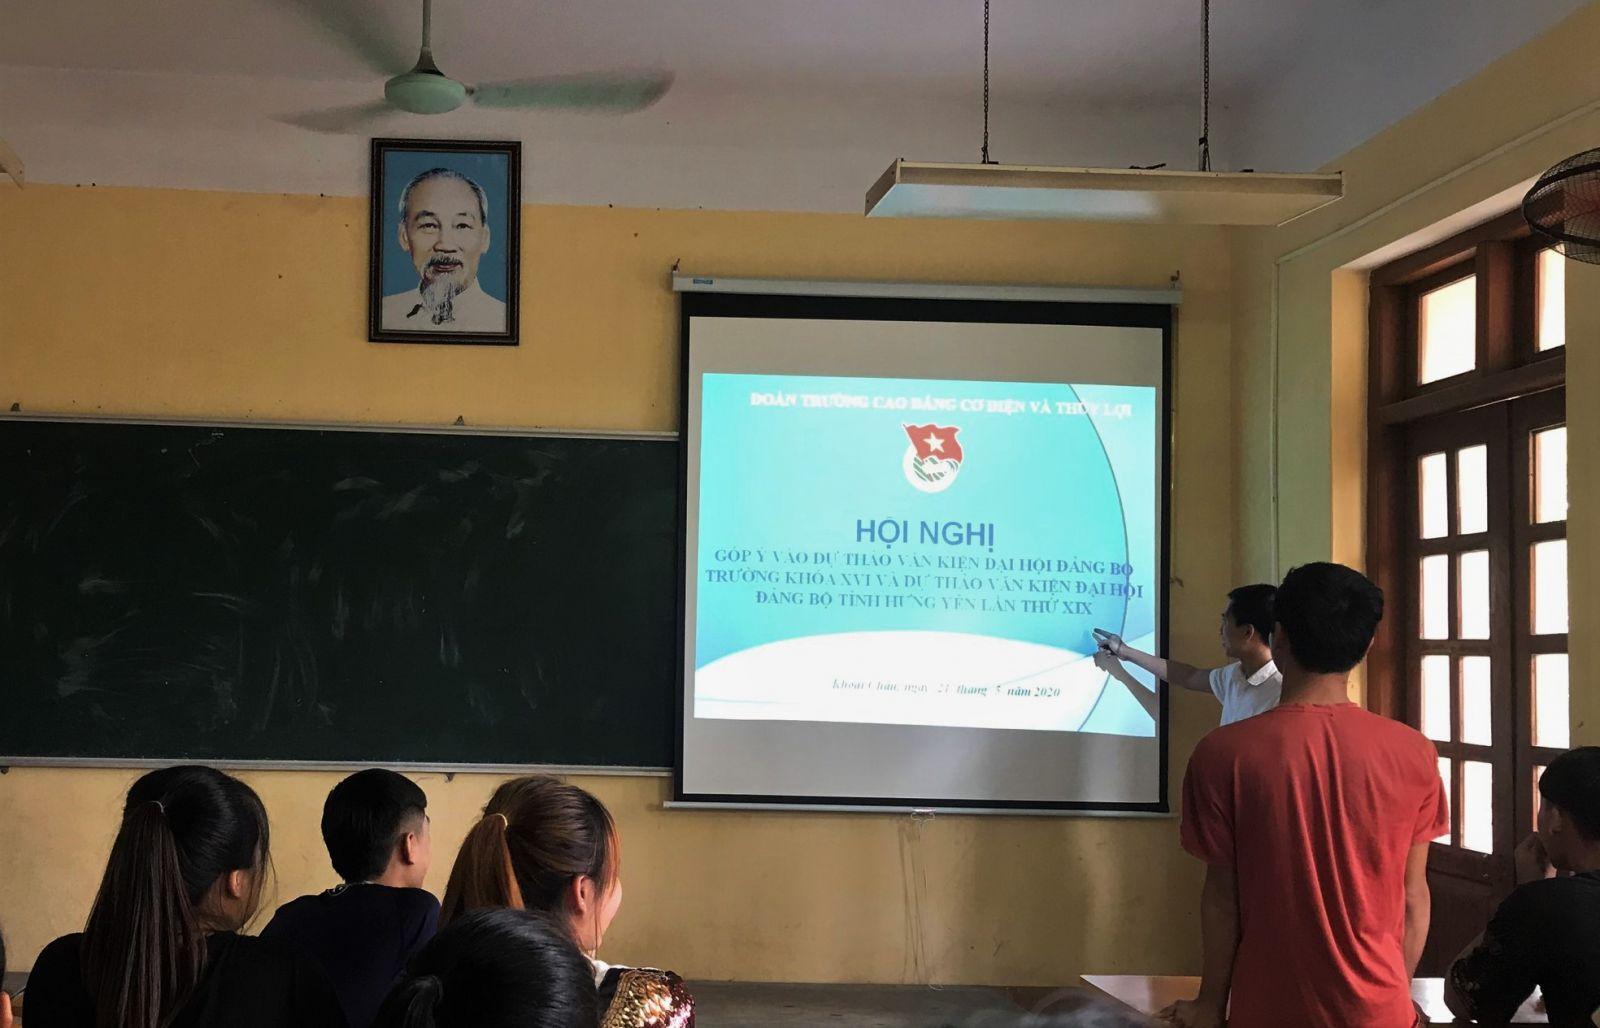 Đoàn trường Cao đẳng Cơ điện Thủy lợi tổ chức Hội nghị góp ý vào Dự thảo văn kiện Đại hội Đảng các cấp